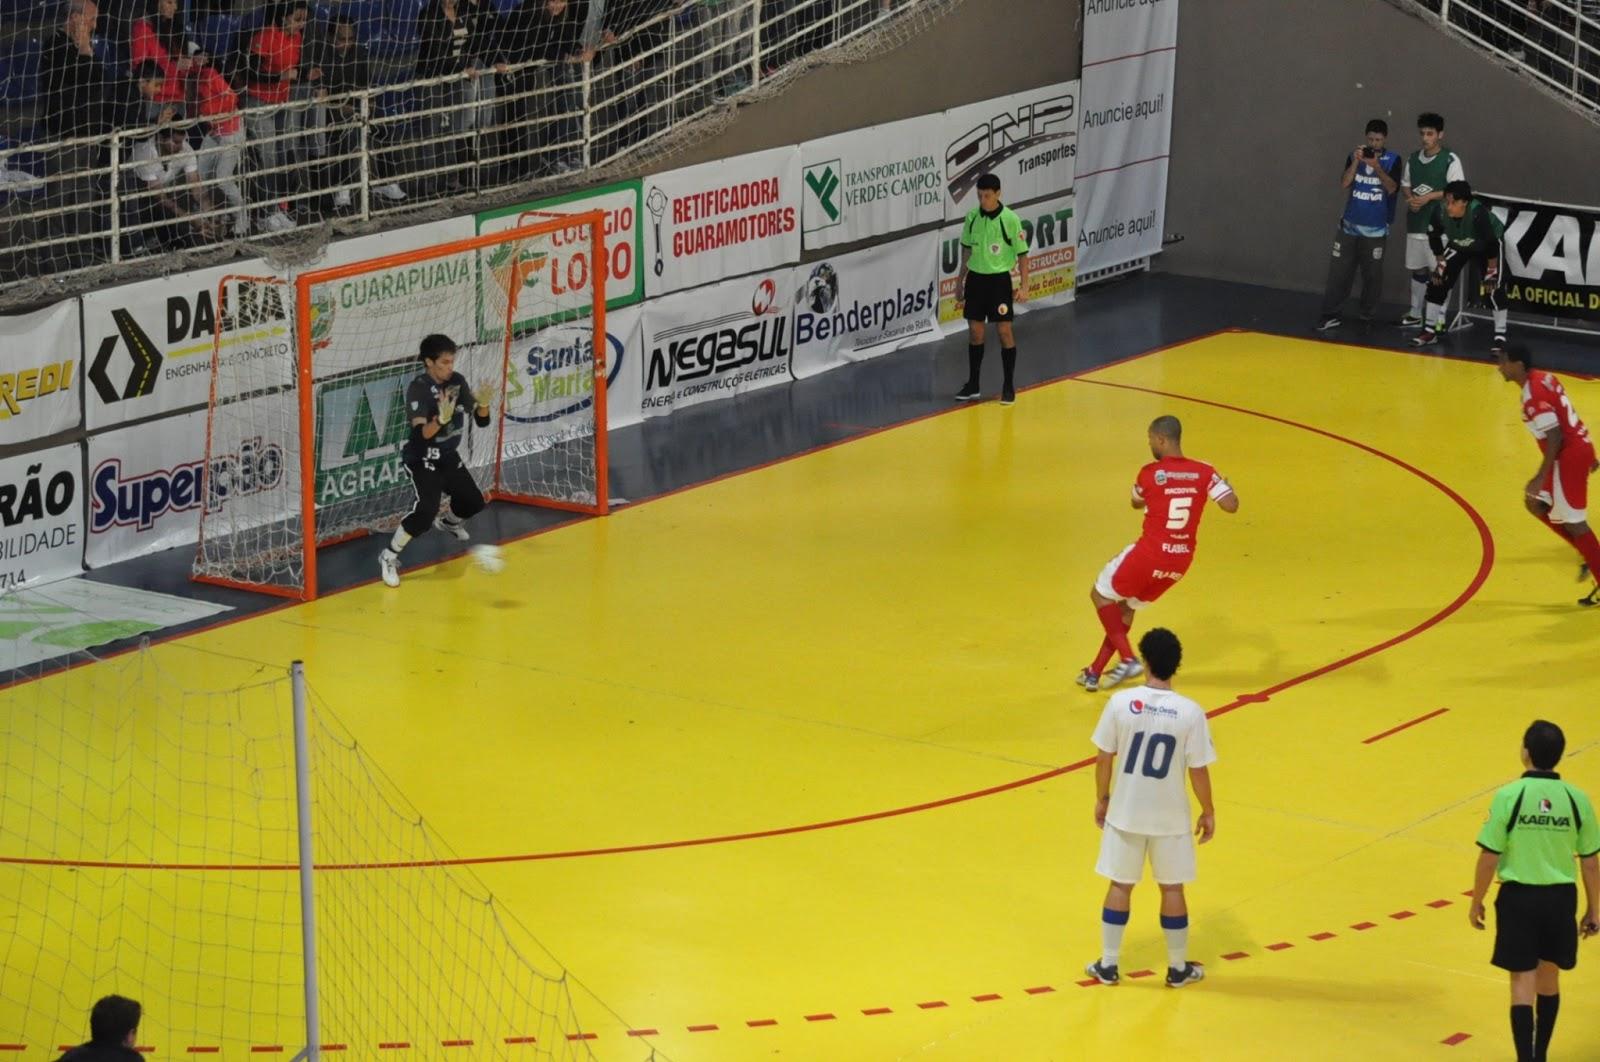 e7271e7363 Pábrio conseguiu penetrar na defesa do Pato Futsal e caiu dentro da área  adversária. A arbitragem marcou pênalti cobrado e convertido ...